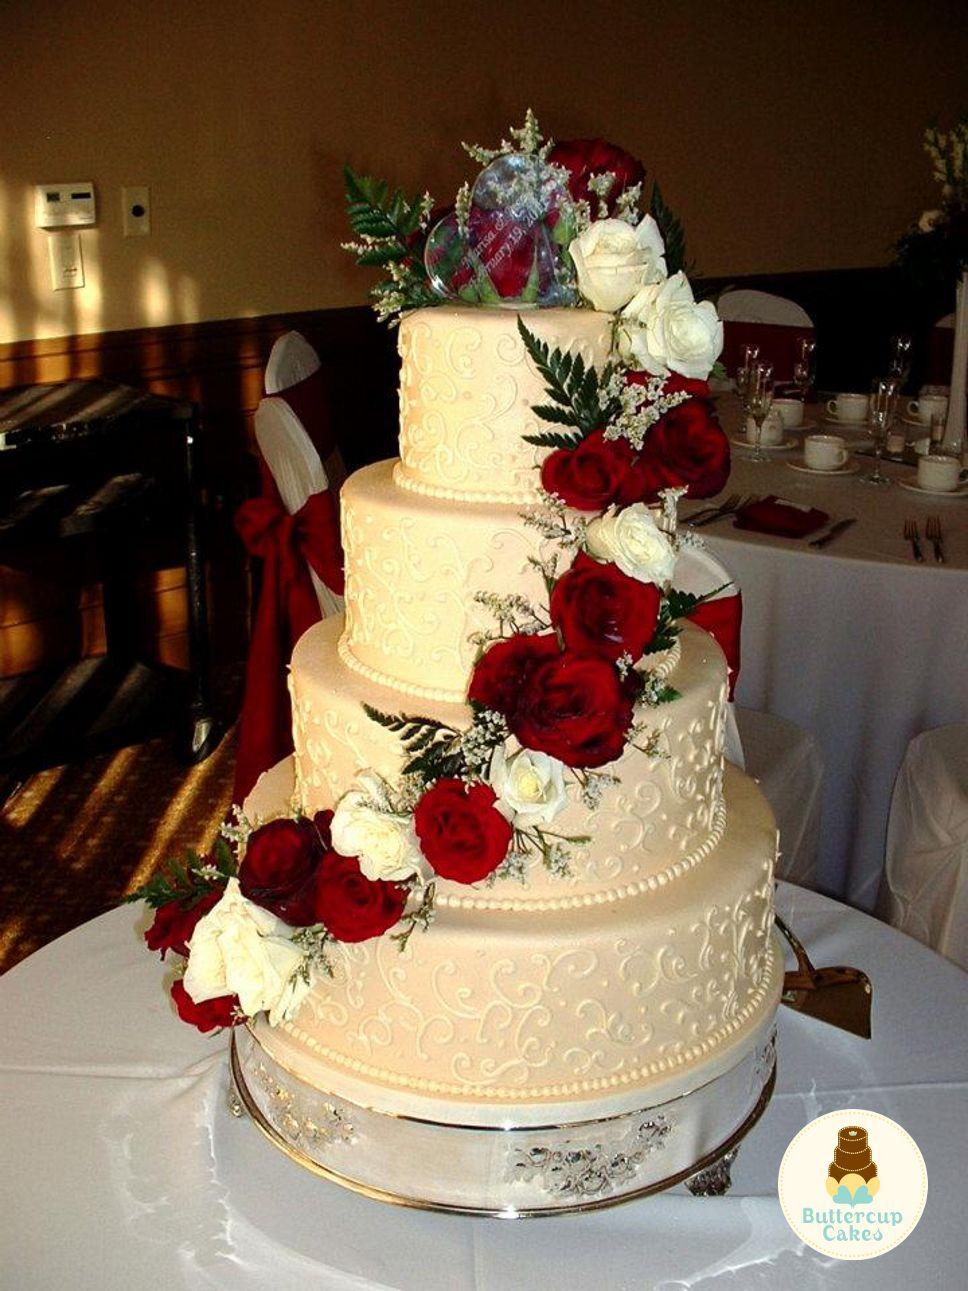 Rose+cupcakes+red+ruby+wedding+anniversary  Wedding. $25 Engagement Rings. Novelty Rings. Name Printed Engagement Rings. Nine Gem Rings. S Steel Rings. Gemstone Rings. One Kind Mens Wedding Rings. Blue Enamel Rings